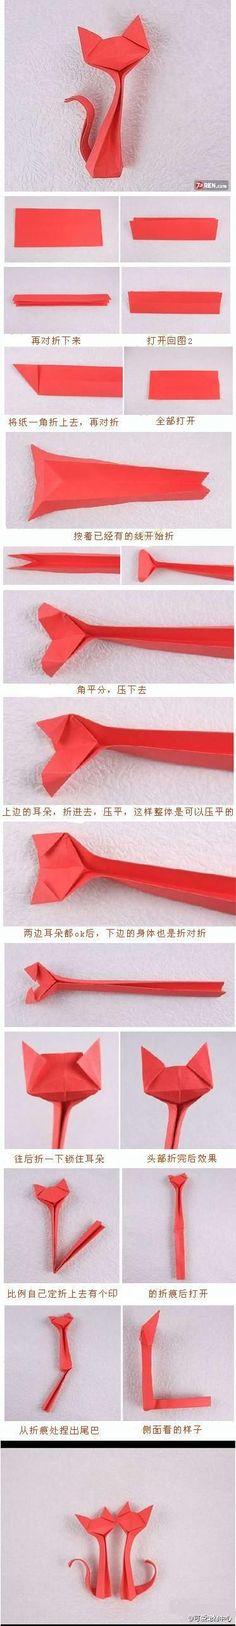 Origami-Katze